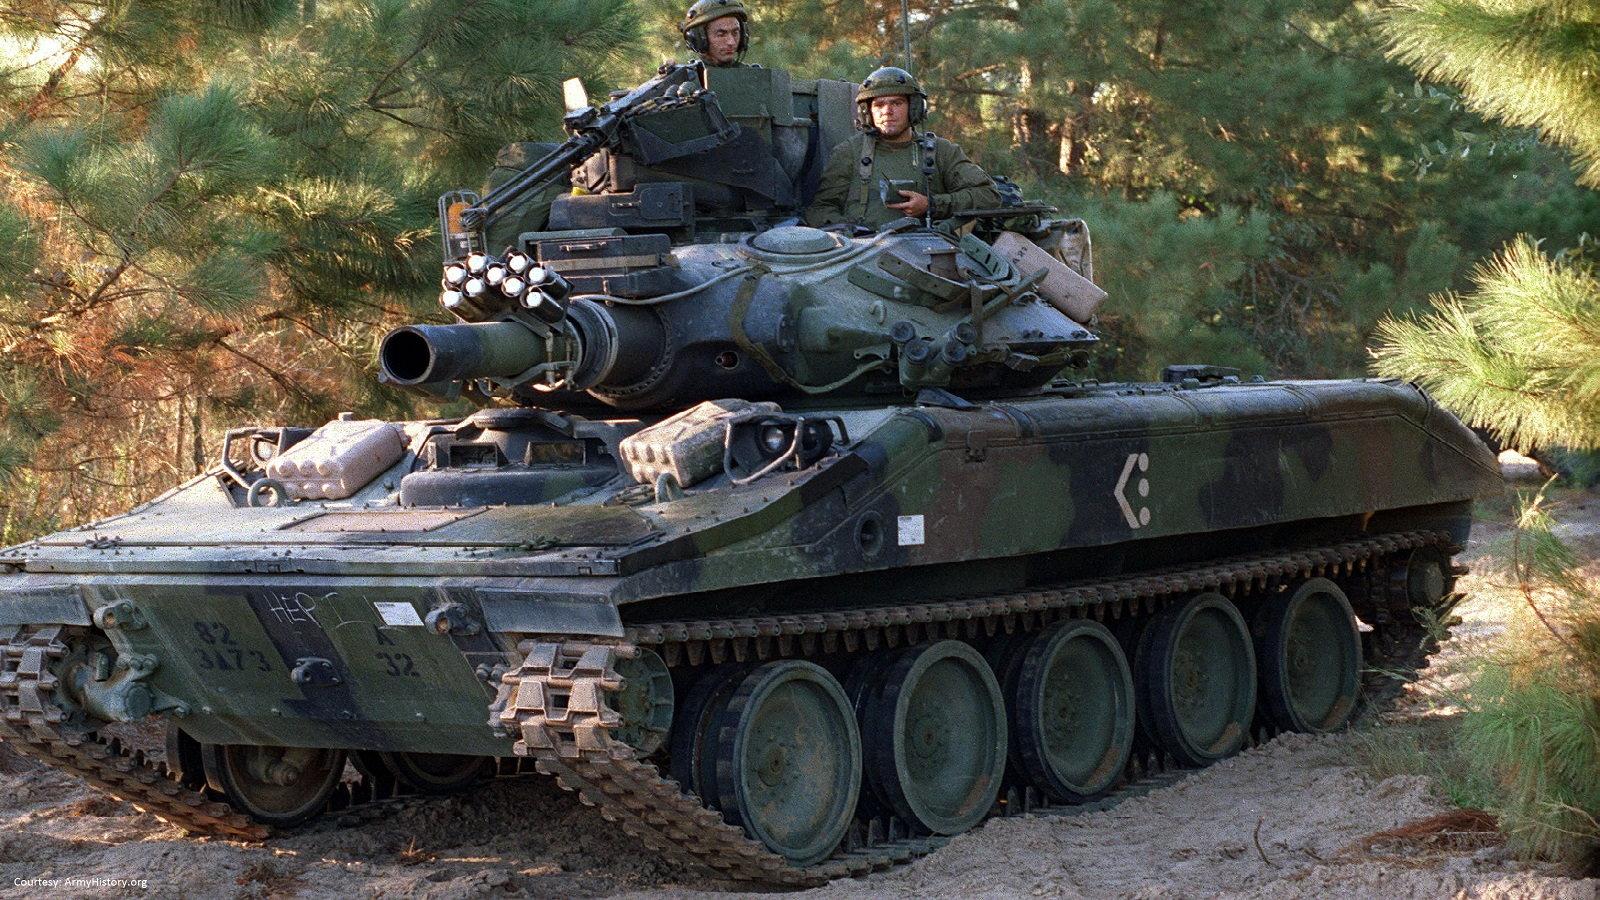 M551 Sheridan Tank